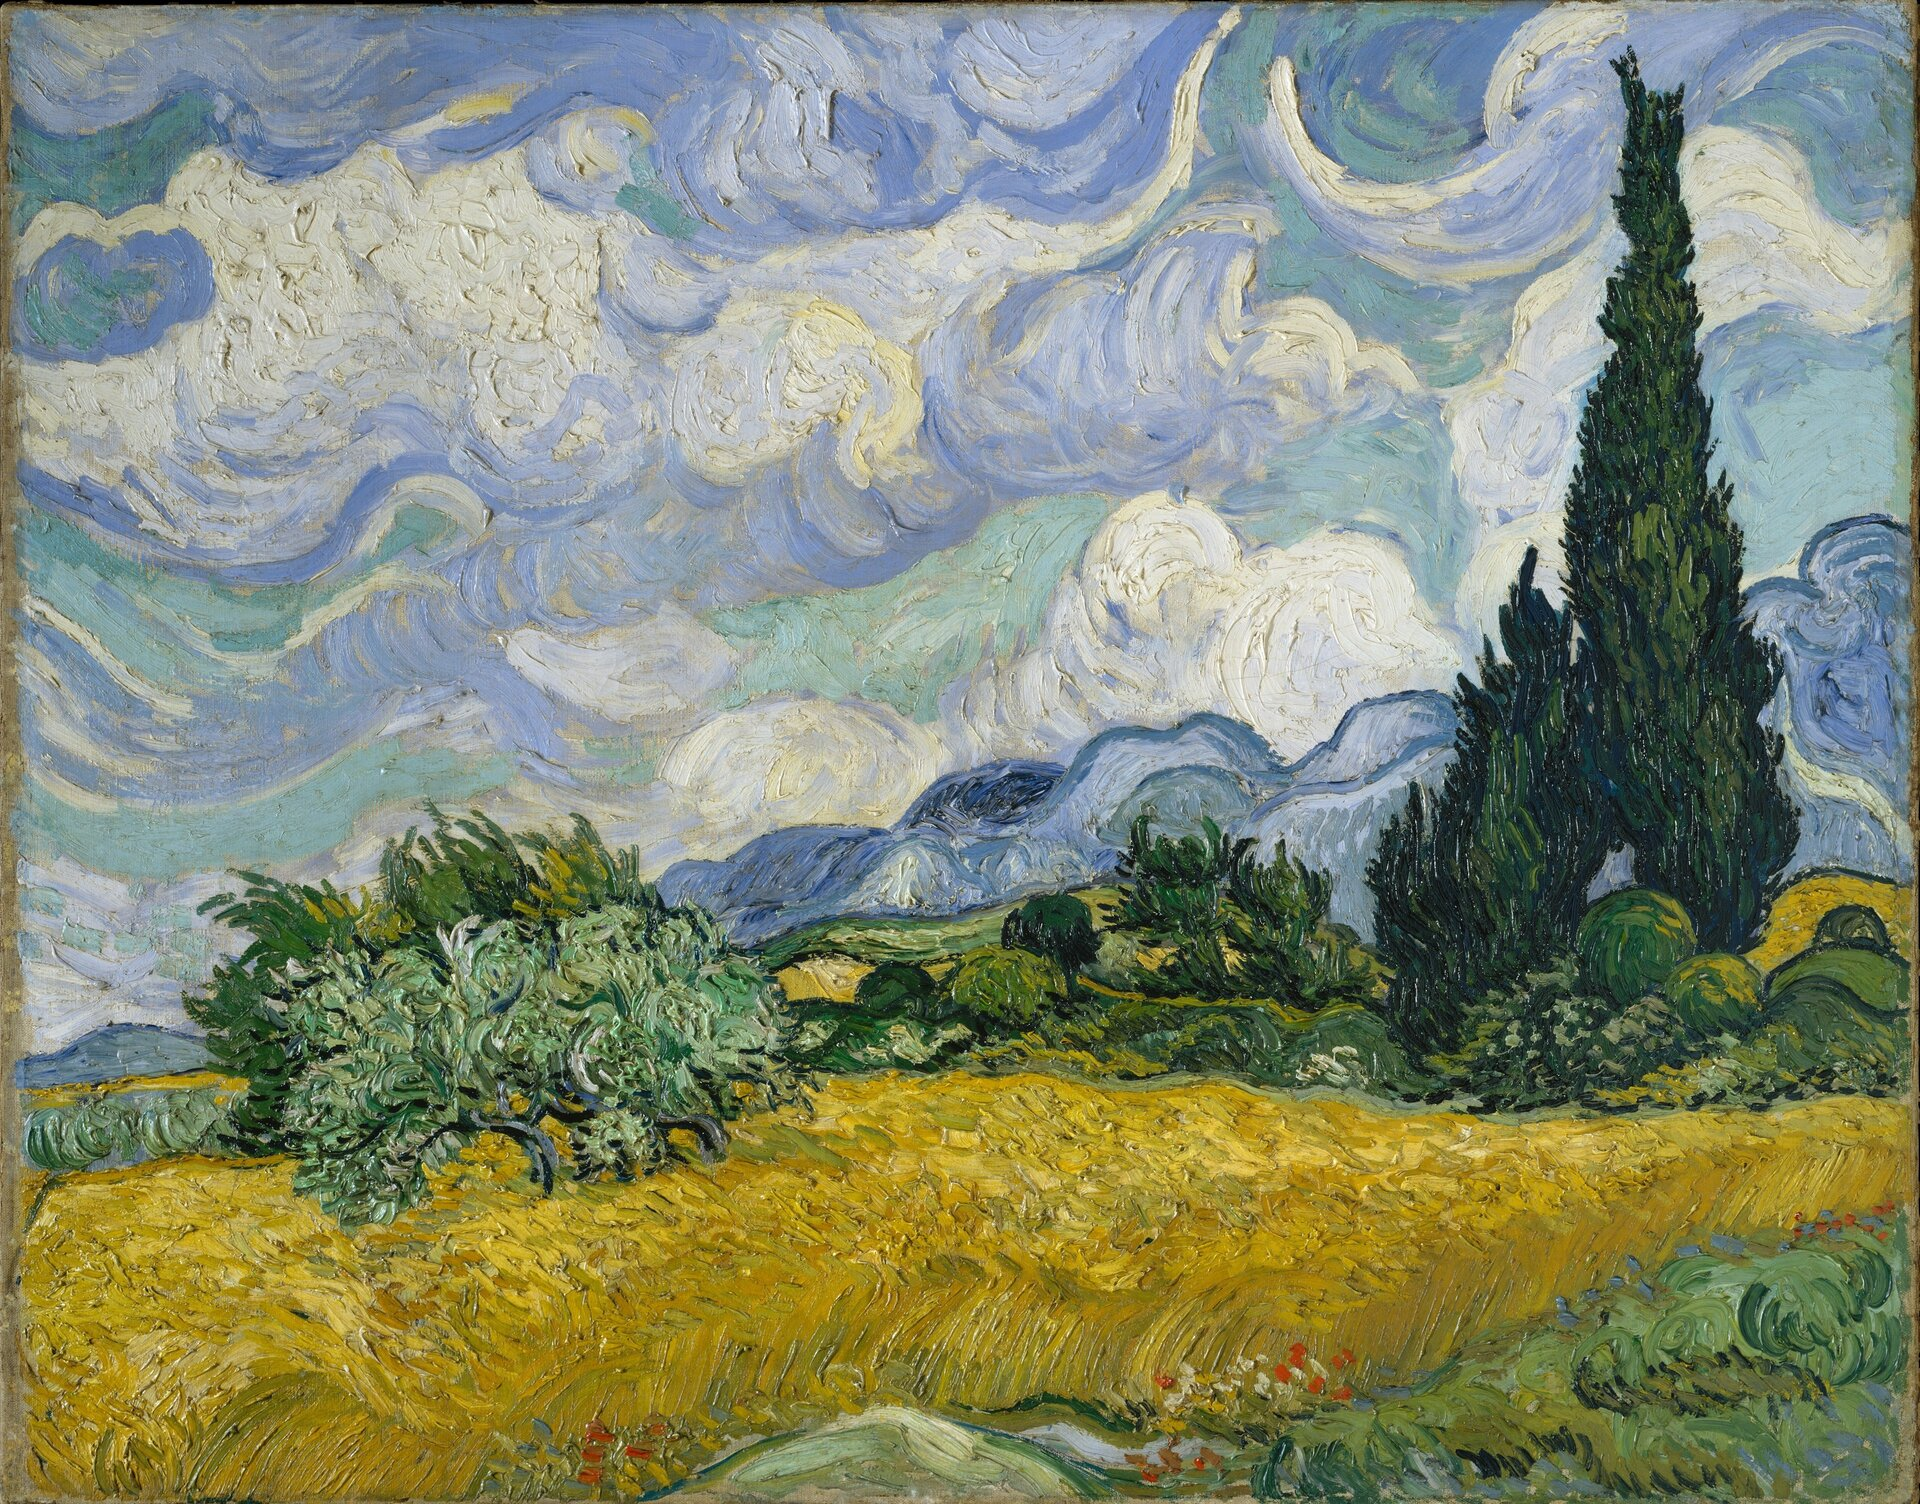 """Ilustracja przedstawia obraz olejny """"Pole pszenicy"""" autorstwa Vincenta van Gogha. Dzieło ukazuje pole dojrzałej pszenicy zcyprysami po prawej stronie. Obraz skomponowany jest wpoziomych, falujących plamach barwnych. Na pierwszym planie znajduje się złoto-żółty łan pszenicy, dalej pas jasno-zielonych krzewów zktórych wyłania się jedyny pionowy element obrazu: ciemne, zielone cyprysy. Na dalszym planie faluje szaro-niebieski horyzont. Nad pejzażem unoszą się skłębione, błękitno-niebiesko-białe pasma chmur. Farba kładziona grubo, wąskimi, falującymi pociągnięciami."""